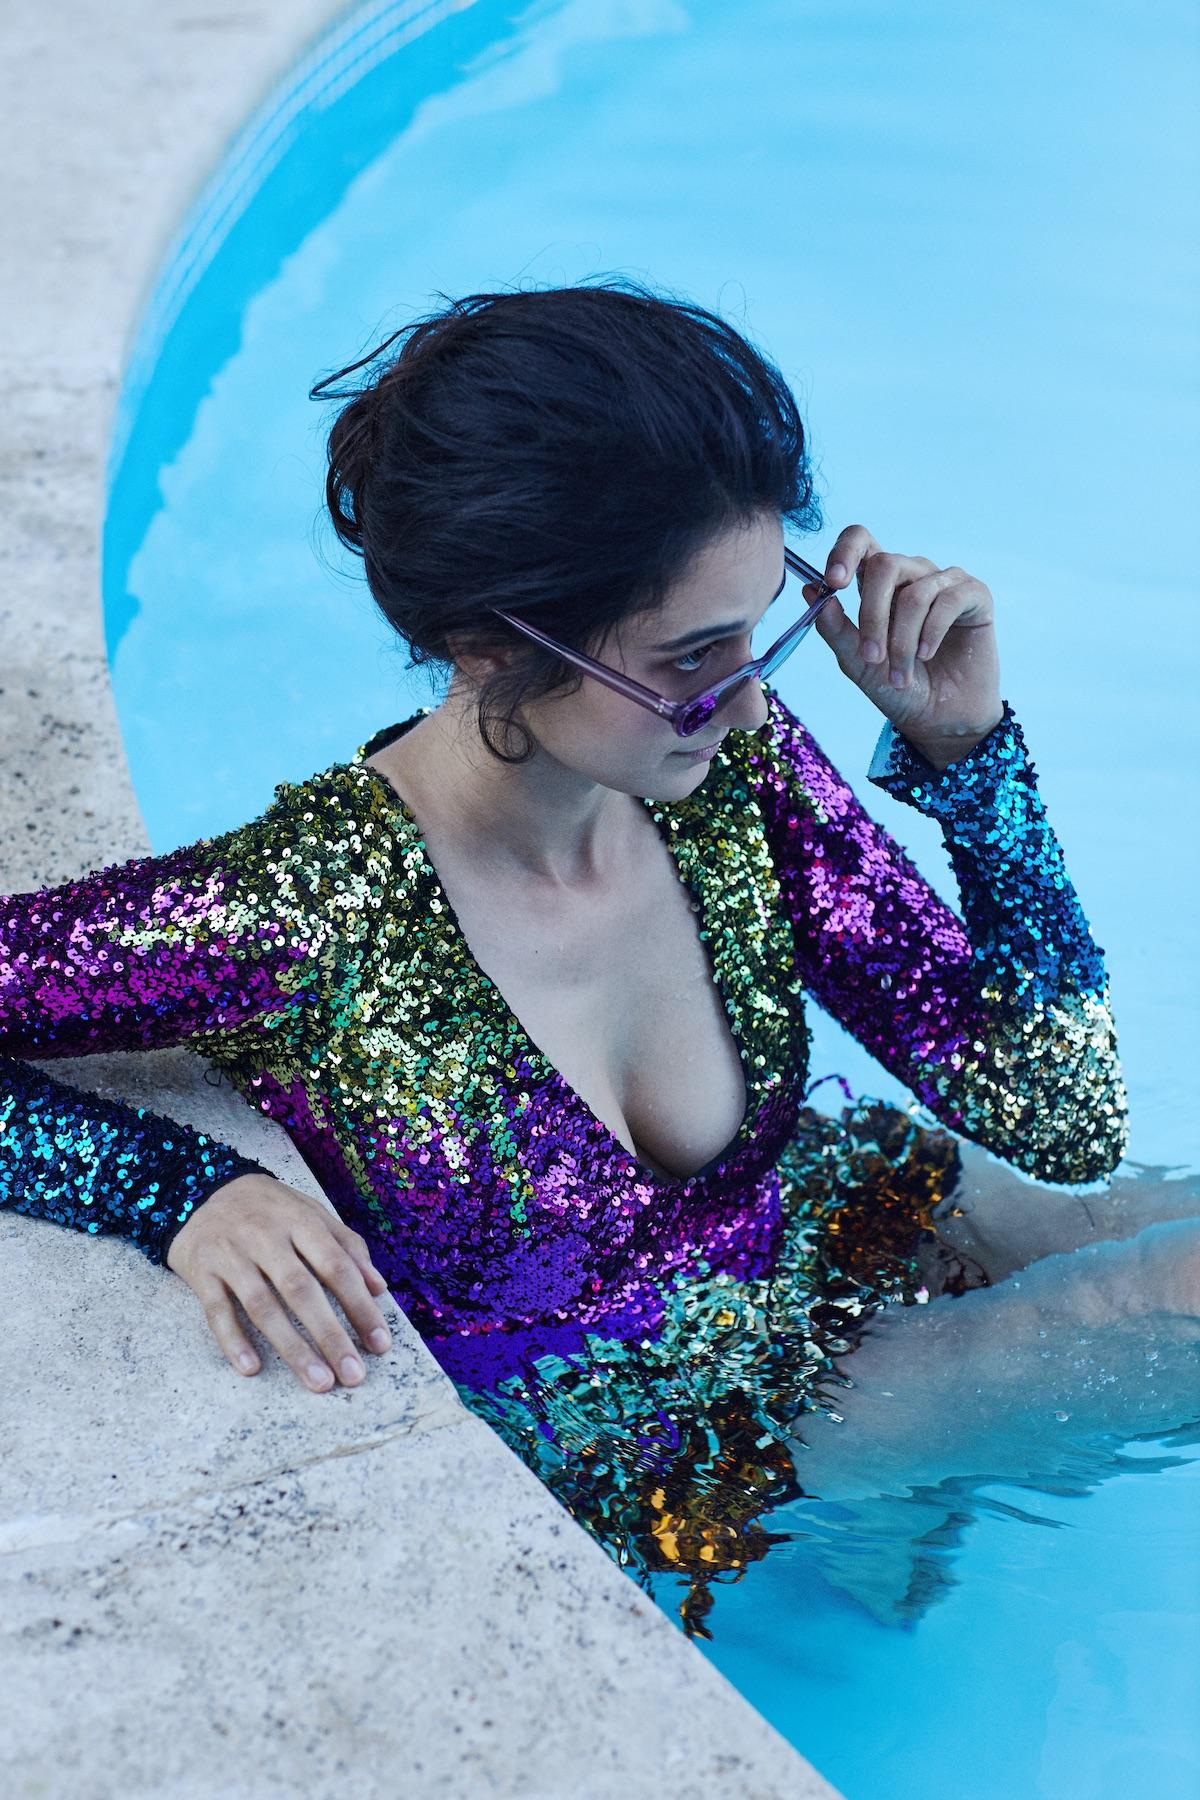 Foto: Carlo Piro- Style: Francesca Piovano. Abito in paillettes Amen, occhiali da sole modello Zasia con montatura color ametista e lente blu Oliver Peoples.